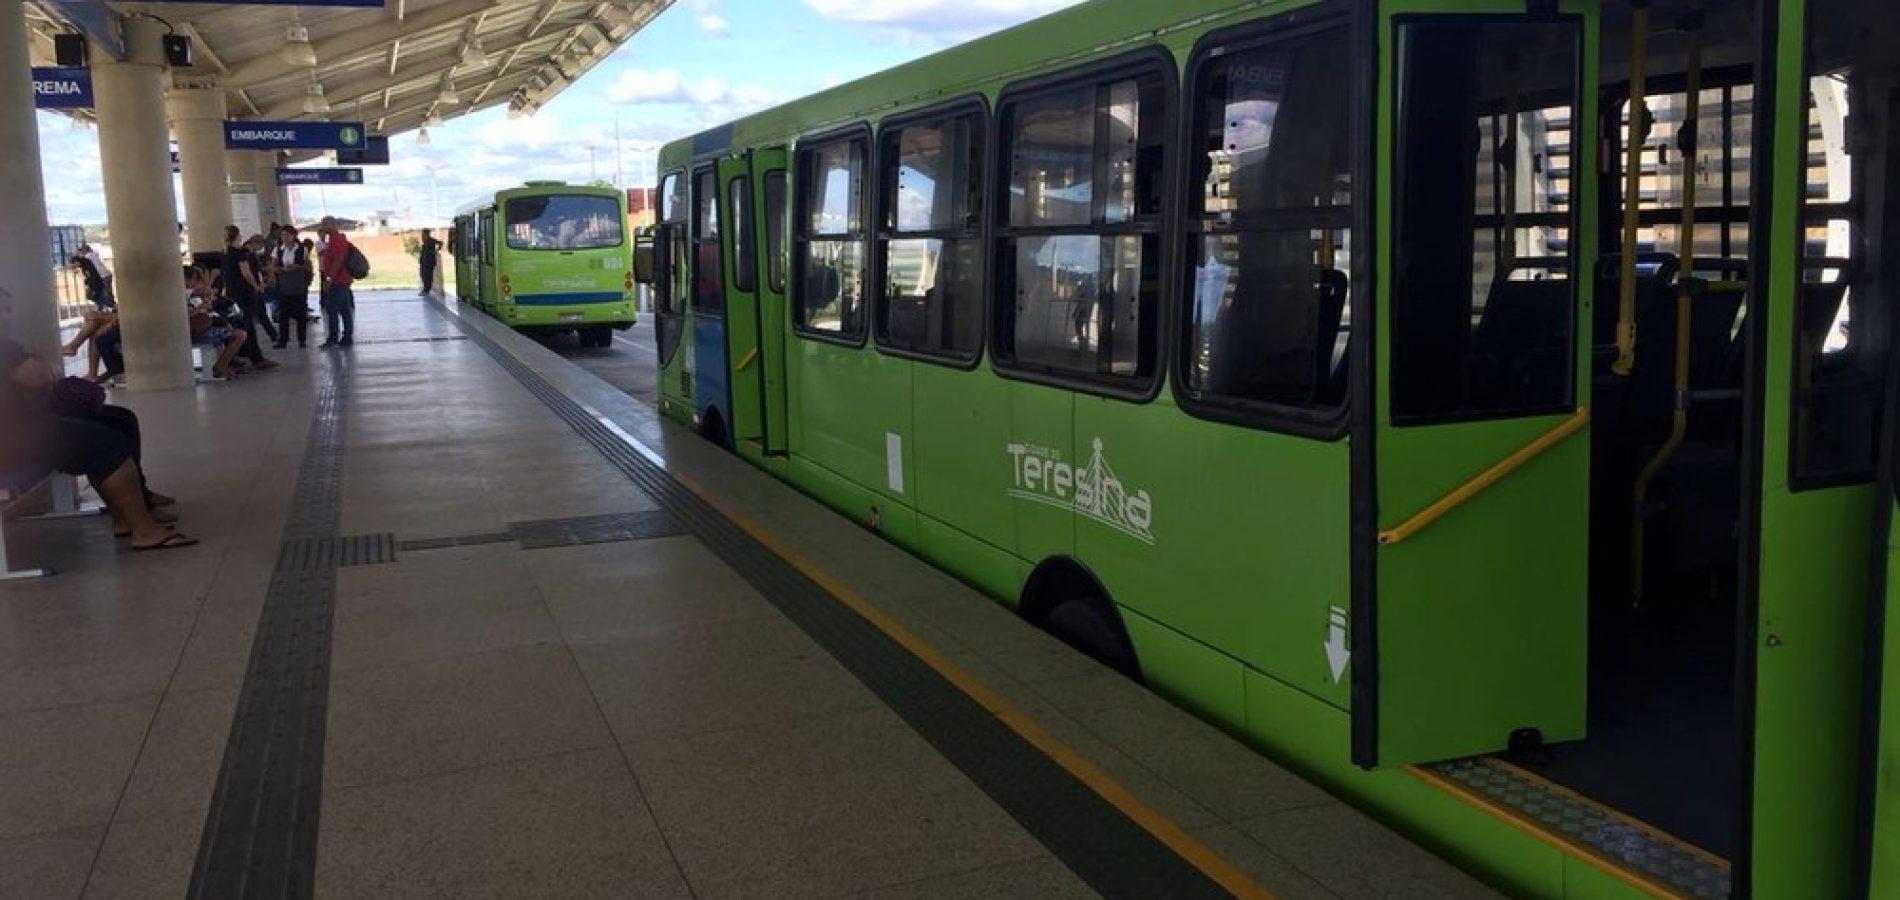 Greve dos ônibus em Teresina já dura mais de 40 dias e MPT tenta acordo para retorno